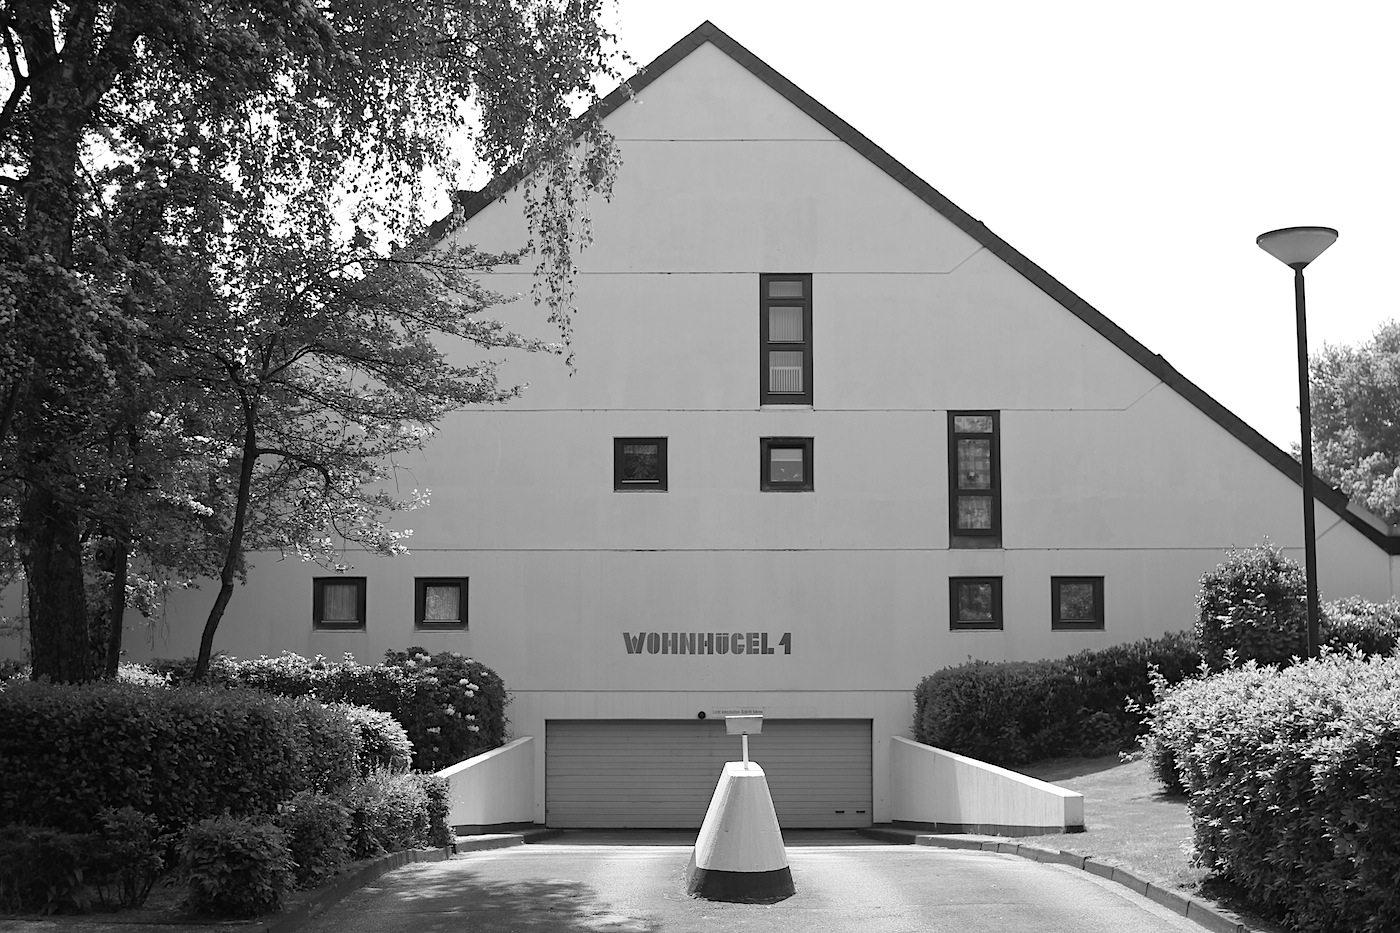 Wohnhügel 1. Im Kreuzviertel. Erstmals wurde ein Haustyp umgesetzt, bei dem die Grundfläche nach oben hin abnimmt ...